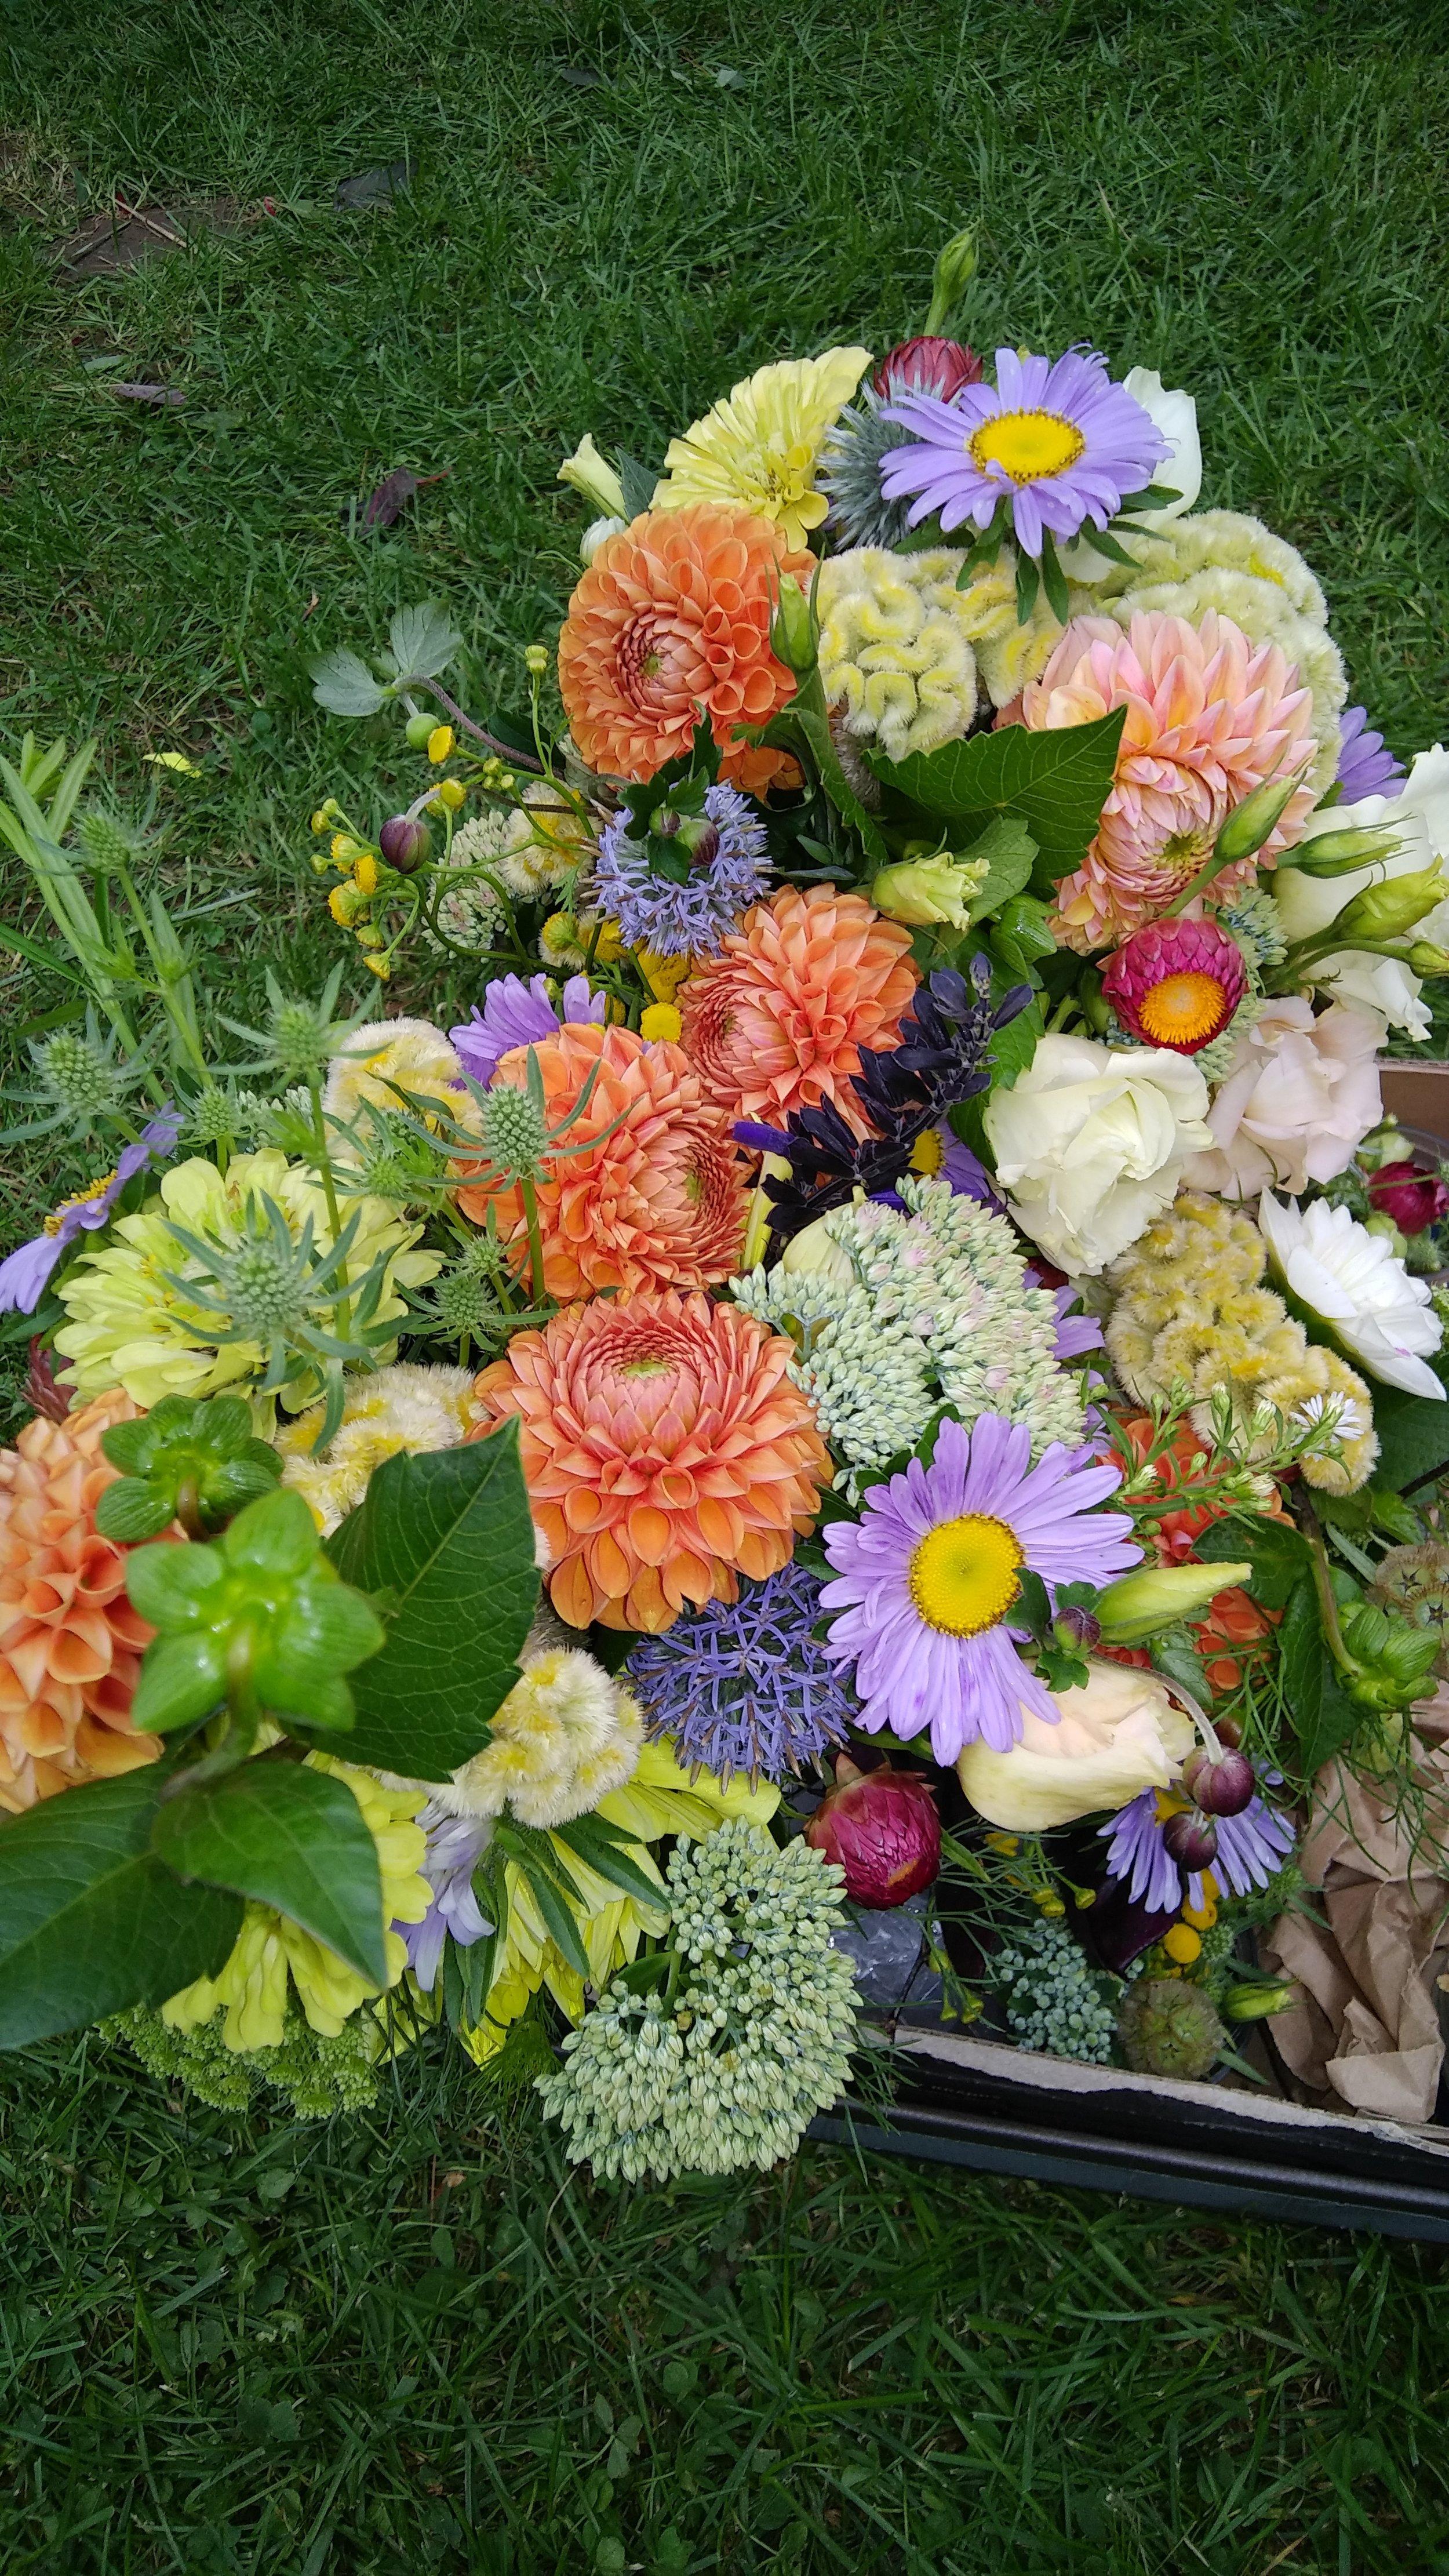 wedding flowers laura and ben 9 - 2- 18.jpg